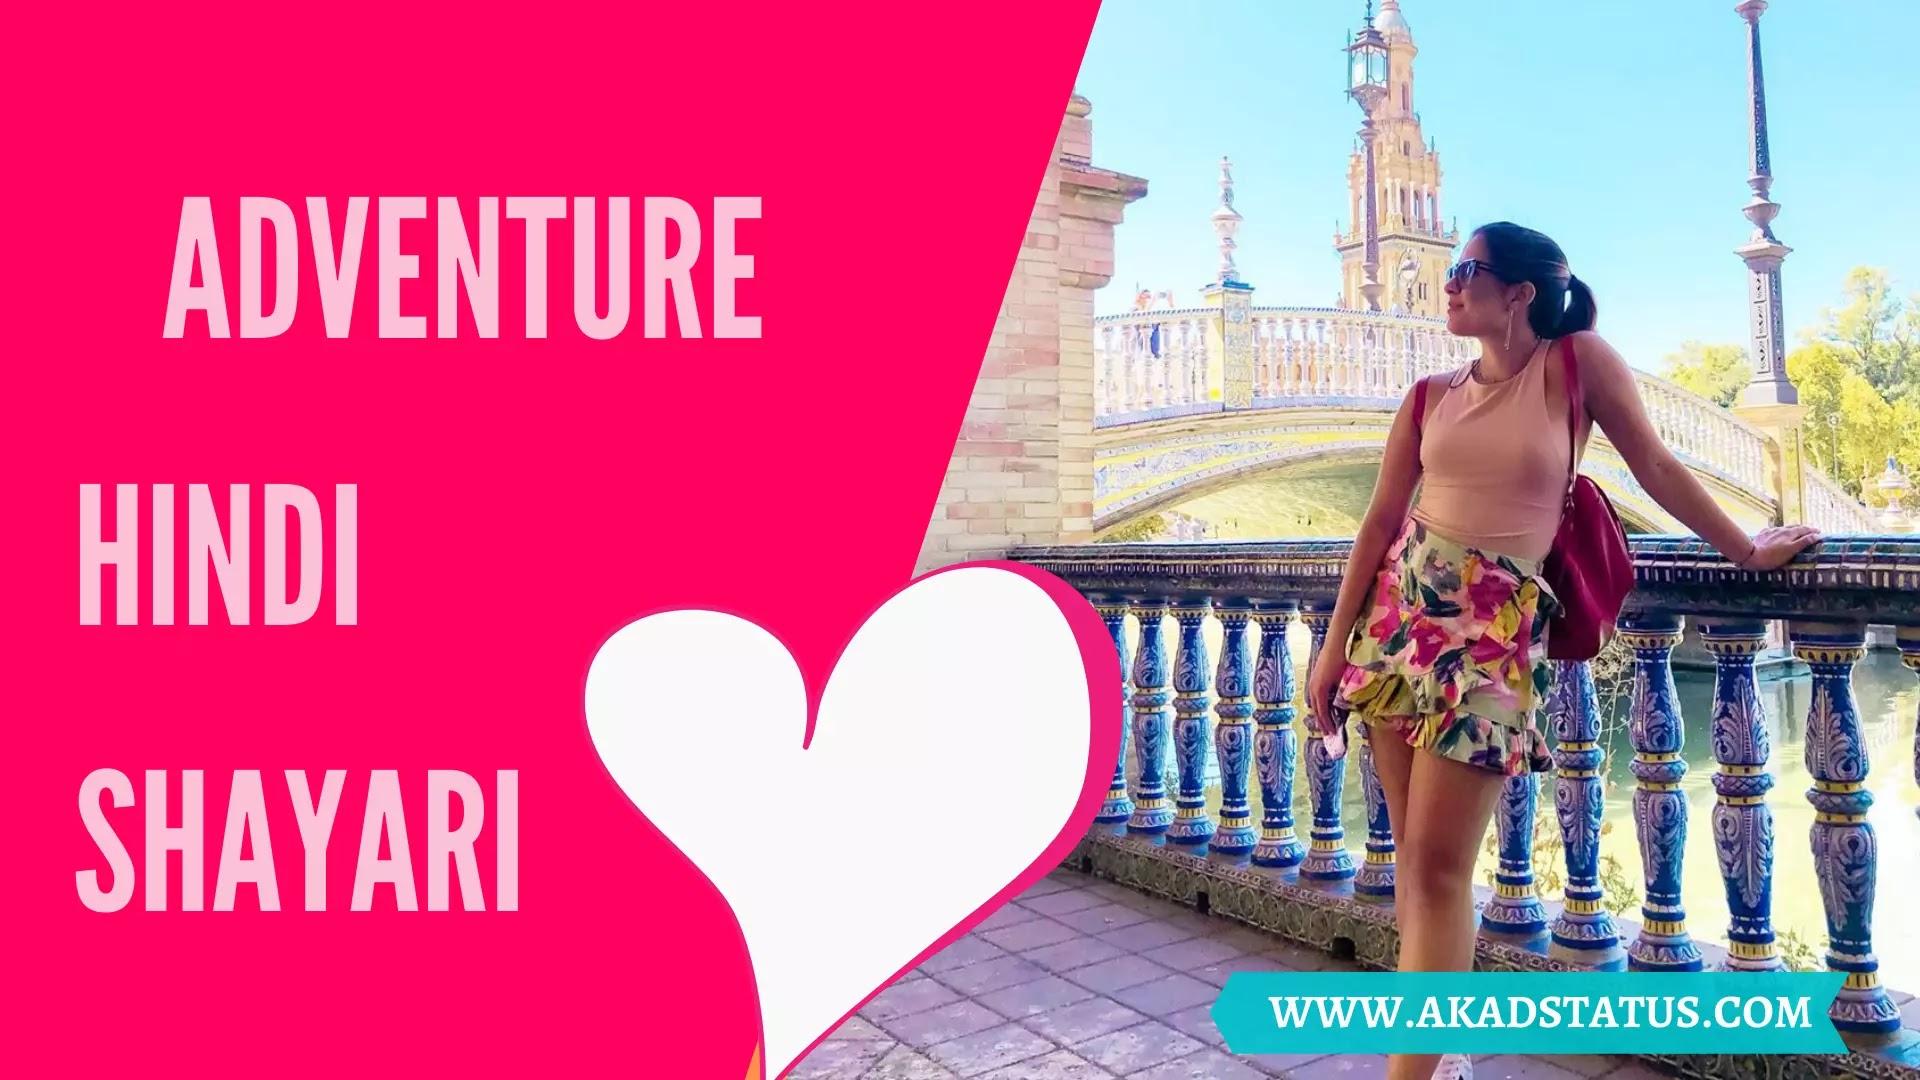 Adventure shayari in English, Adventure shayari In Hindi, Adventure status in Hindi, Adventure quotes In Hindi